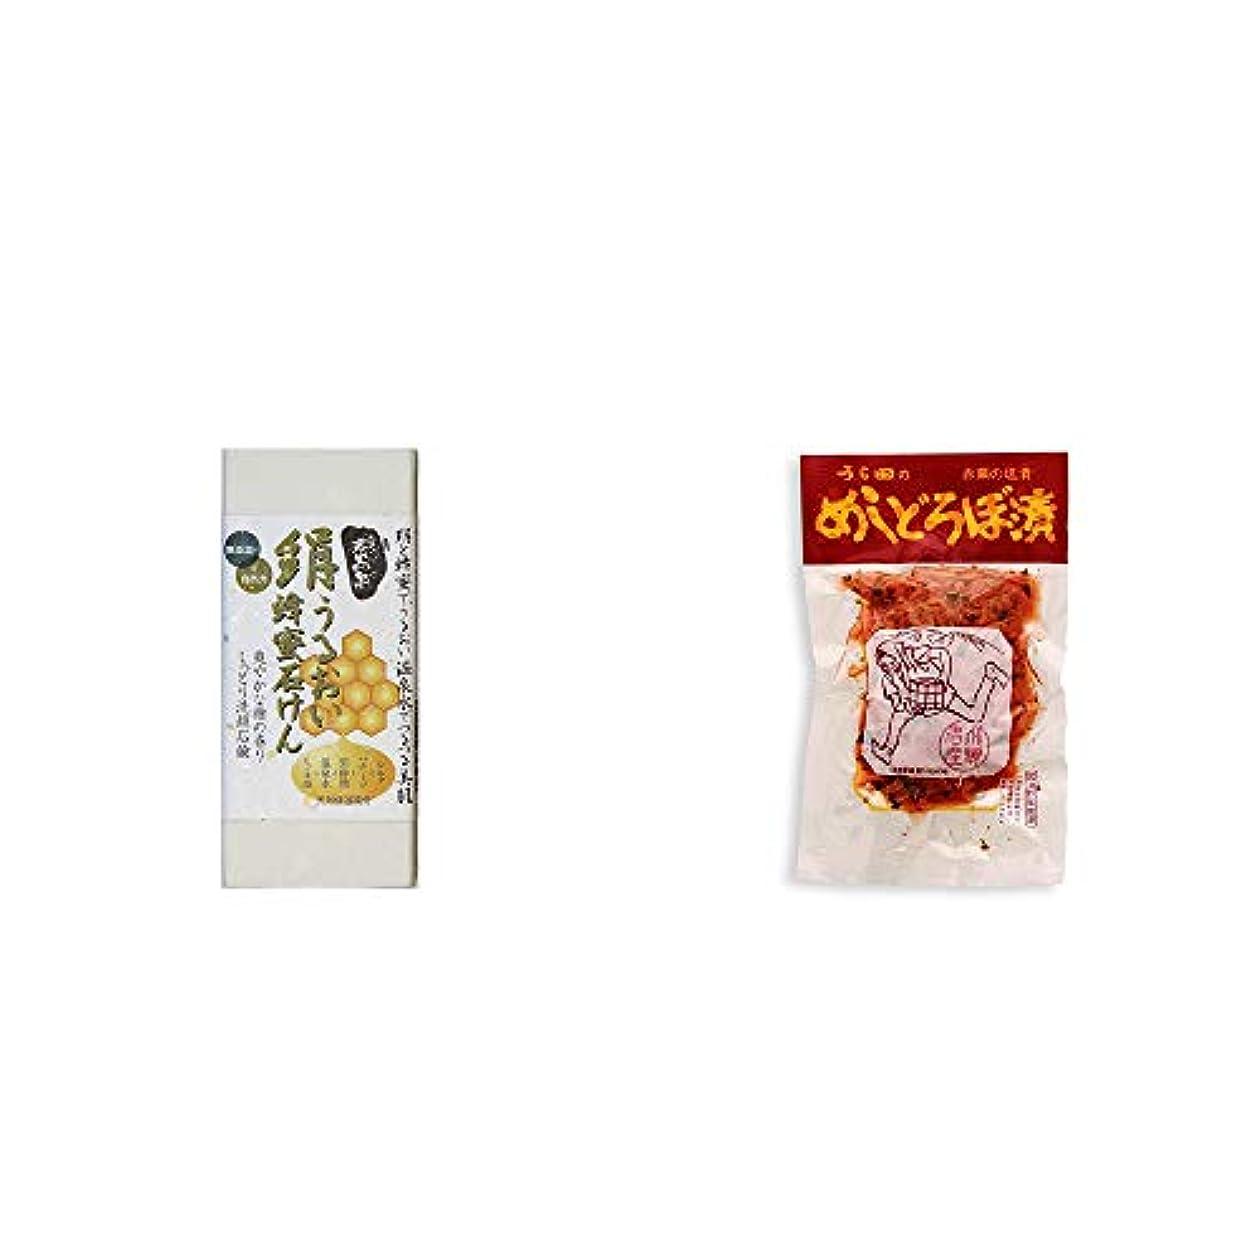 カード見出しブラスト[2点セット] ひのき炭黒泉 絹うるおい蜂蜜石けん(75g×2)?うら田 めしどろぼ漬(180g)